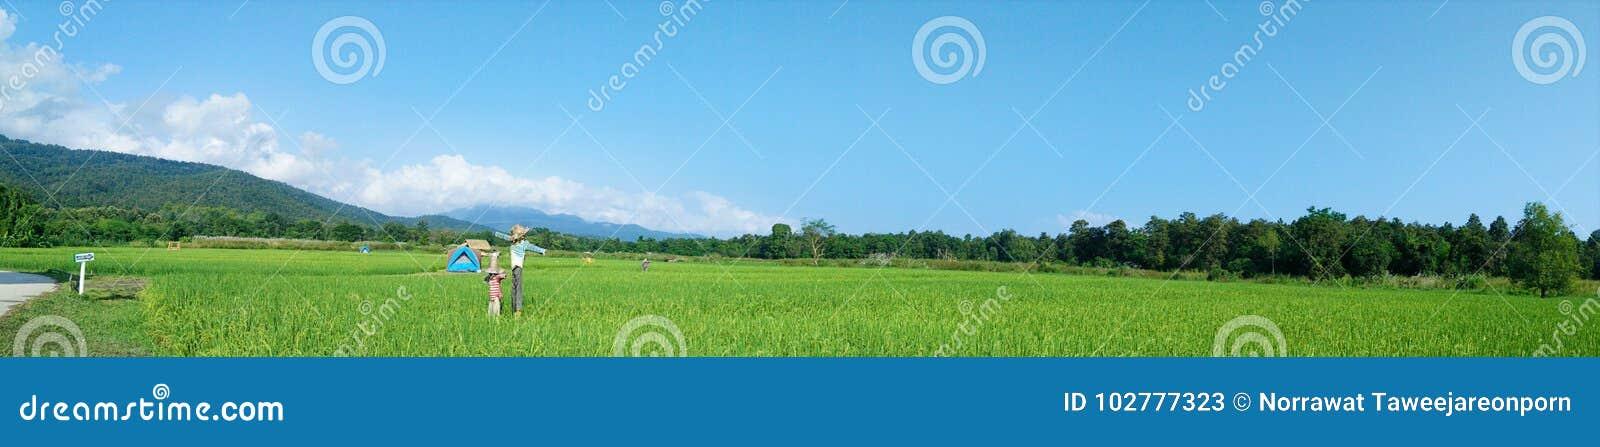 Panorama rural da paisagem com campos verdes do arroz